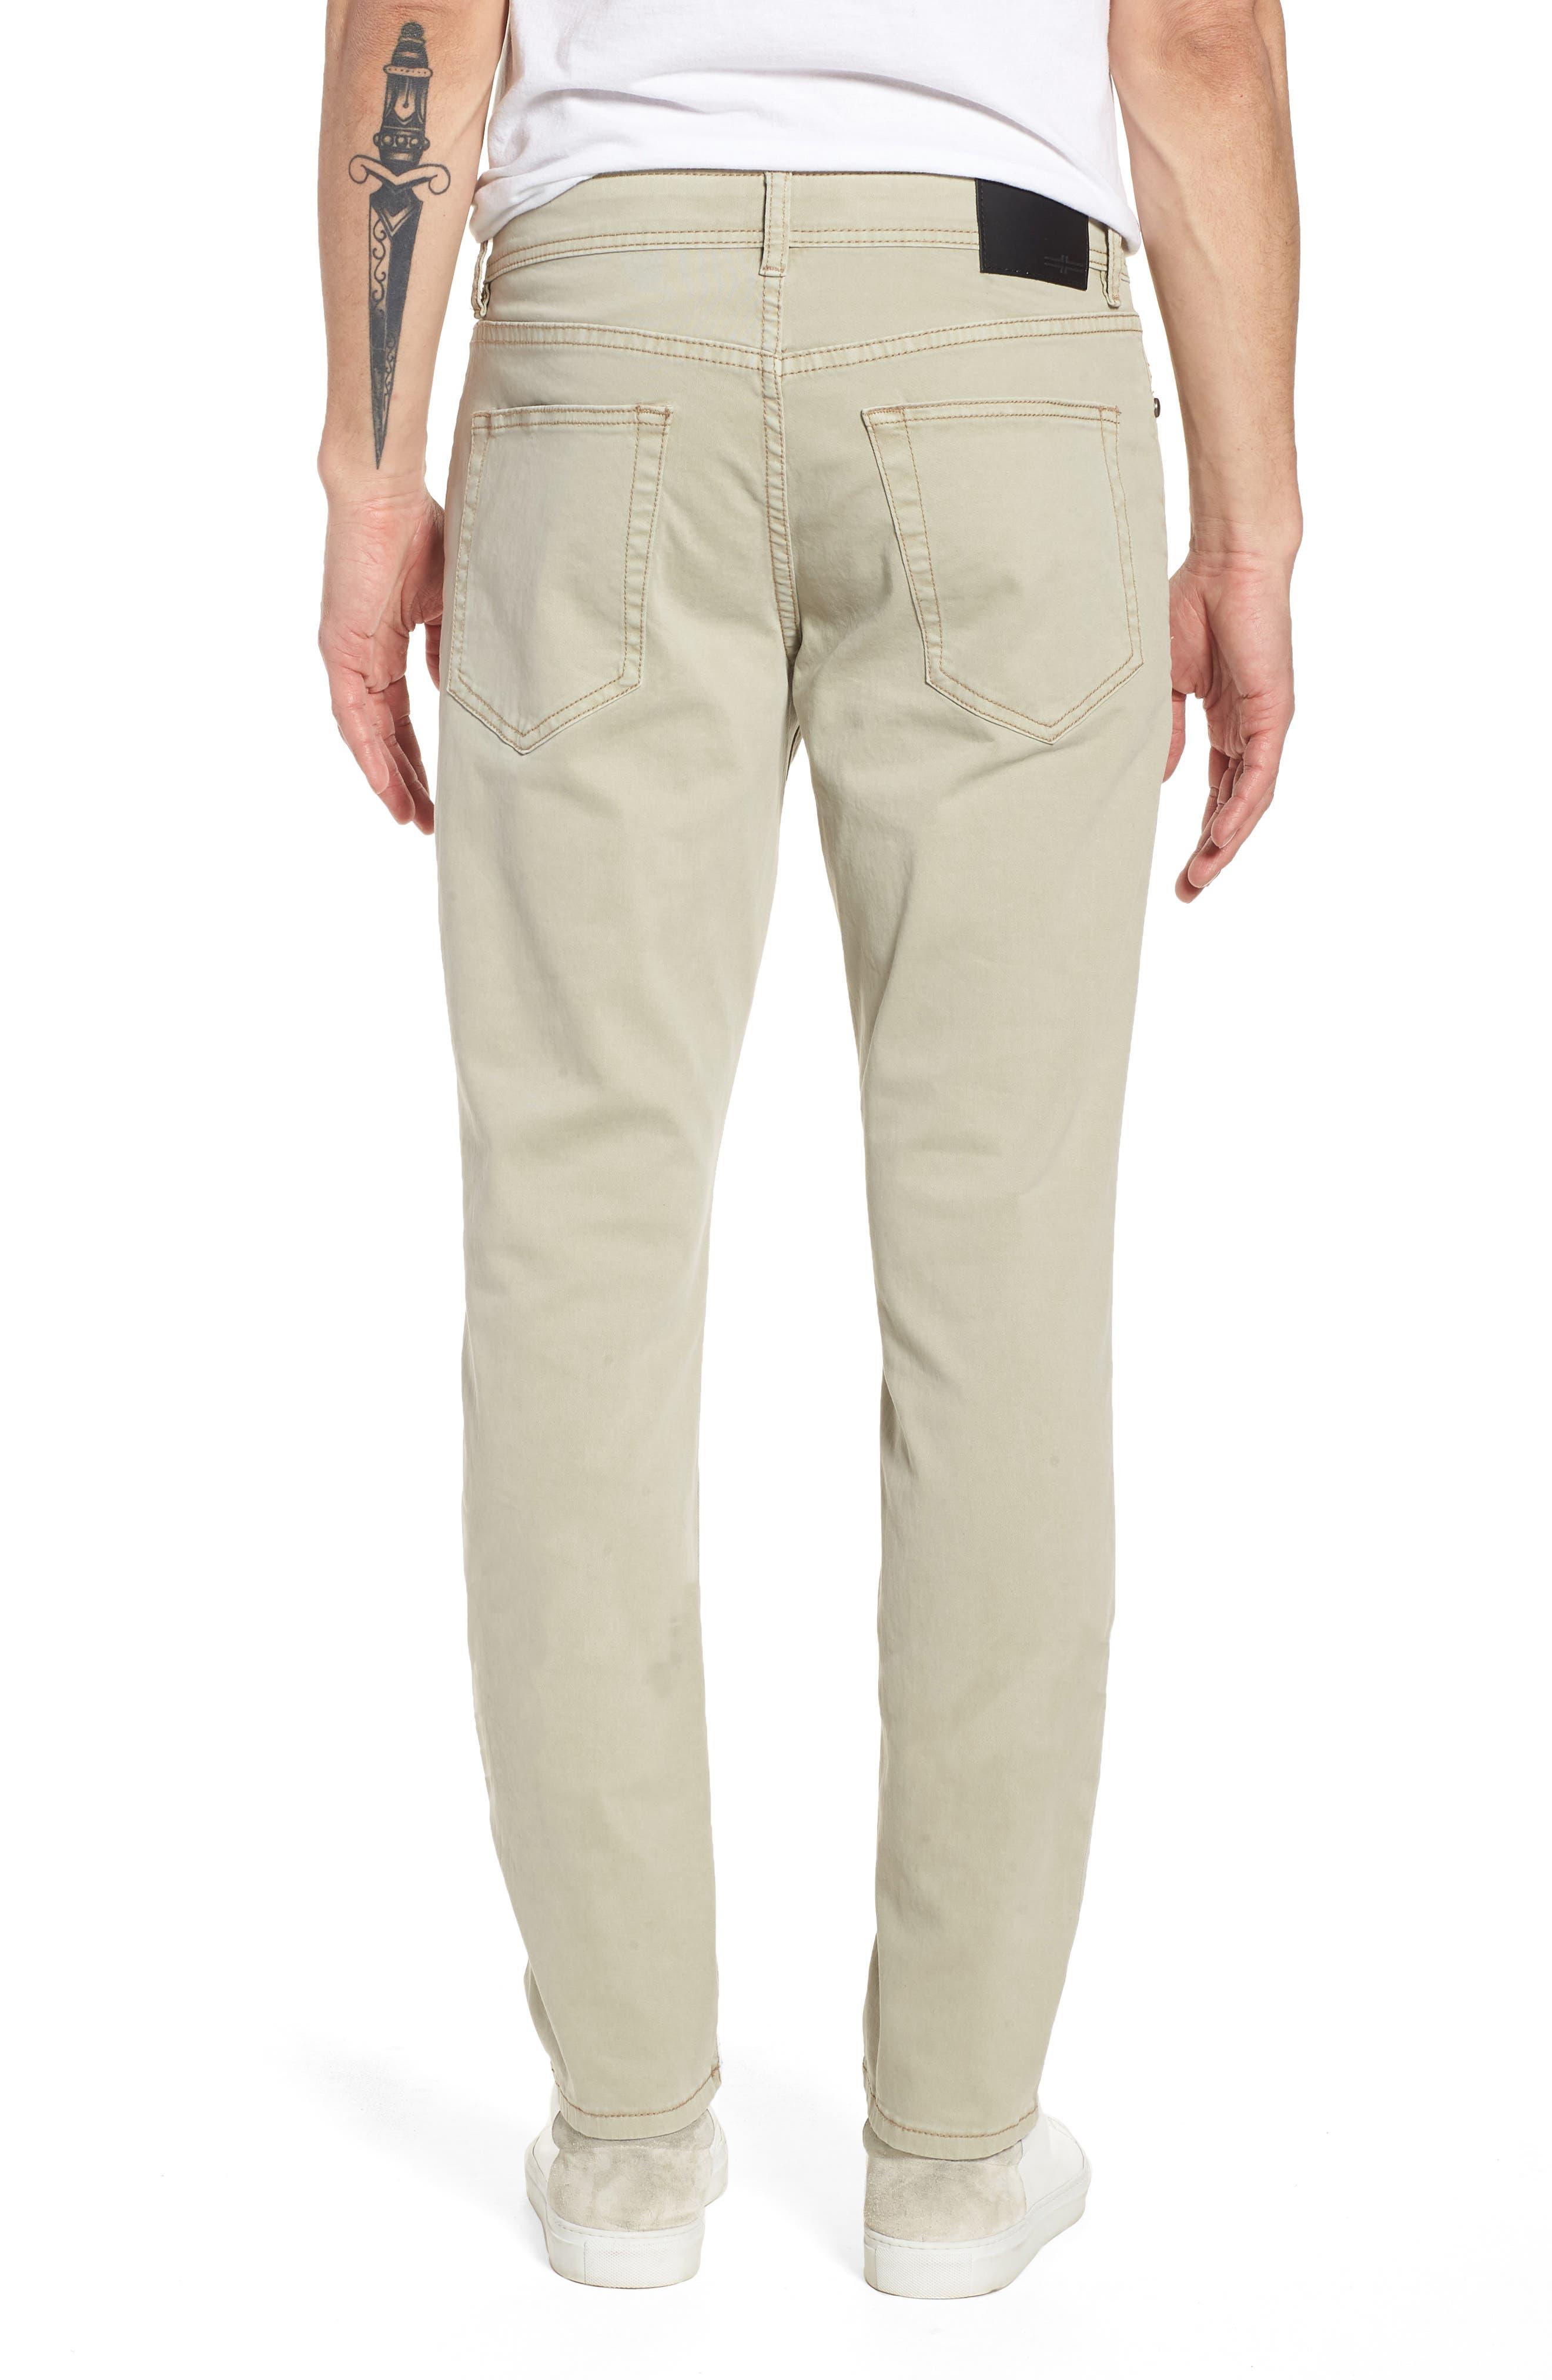 Jeans Co. Kingston Slim Straight Leg Jeans,                             Alternate thumbnail 2, color,                             SANDSTROM